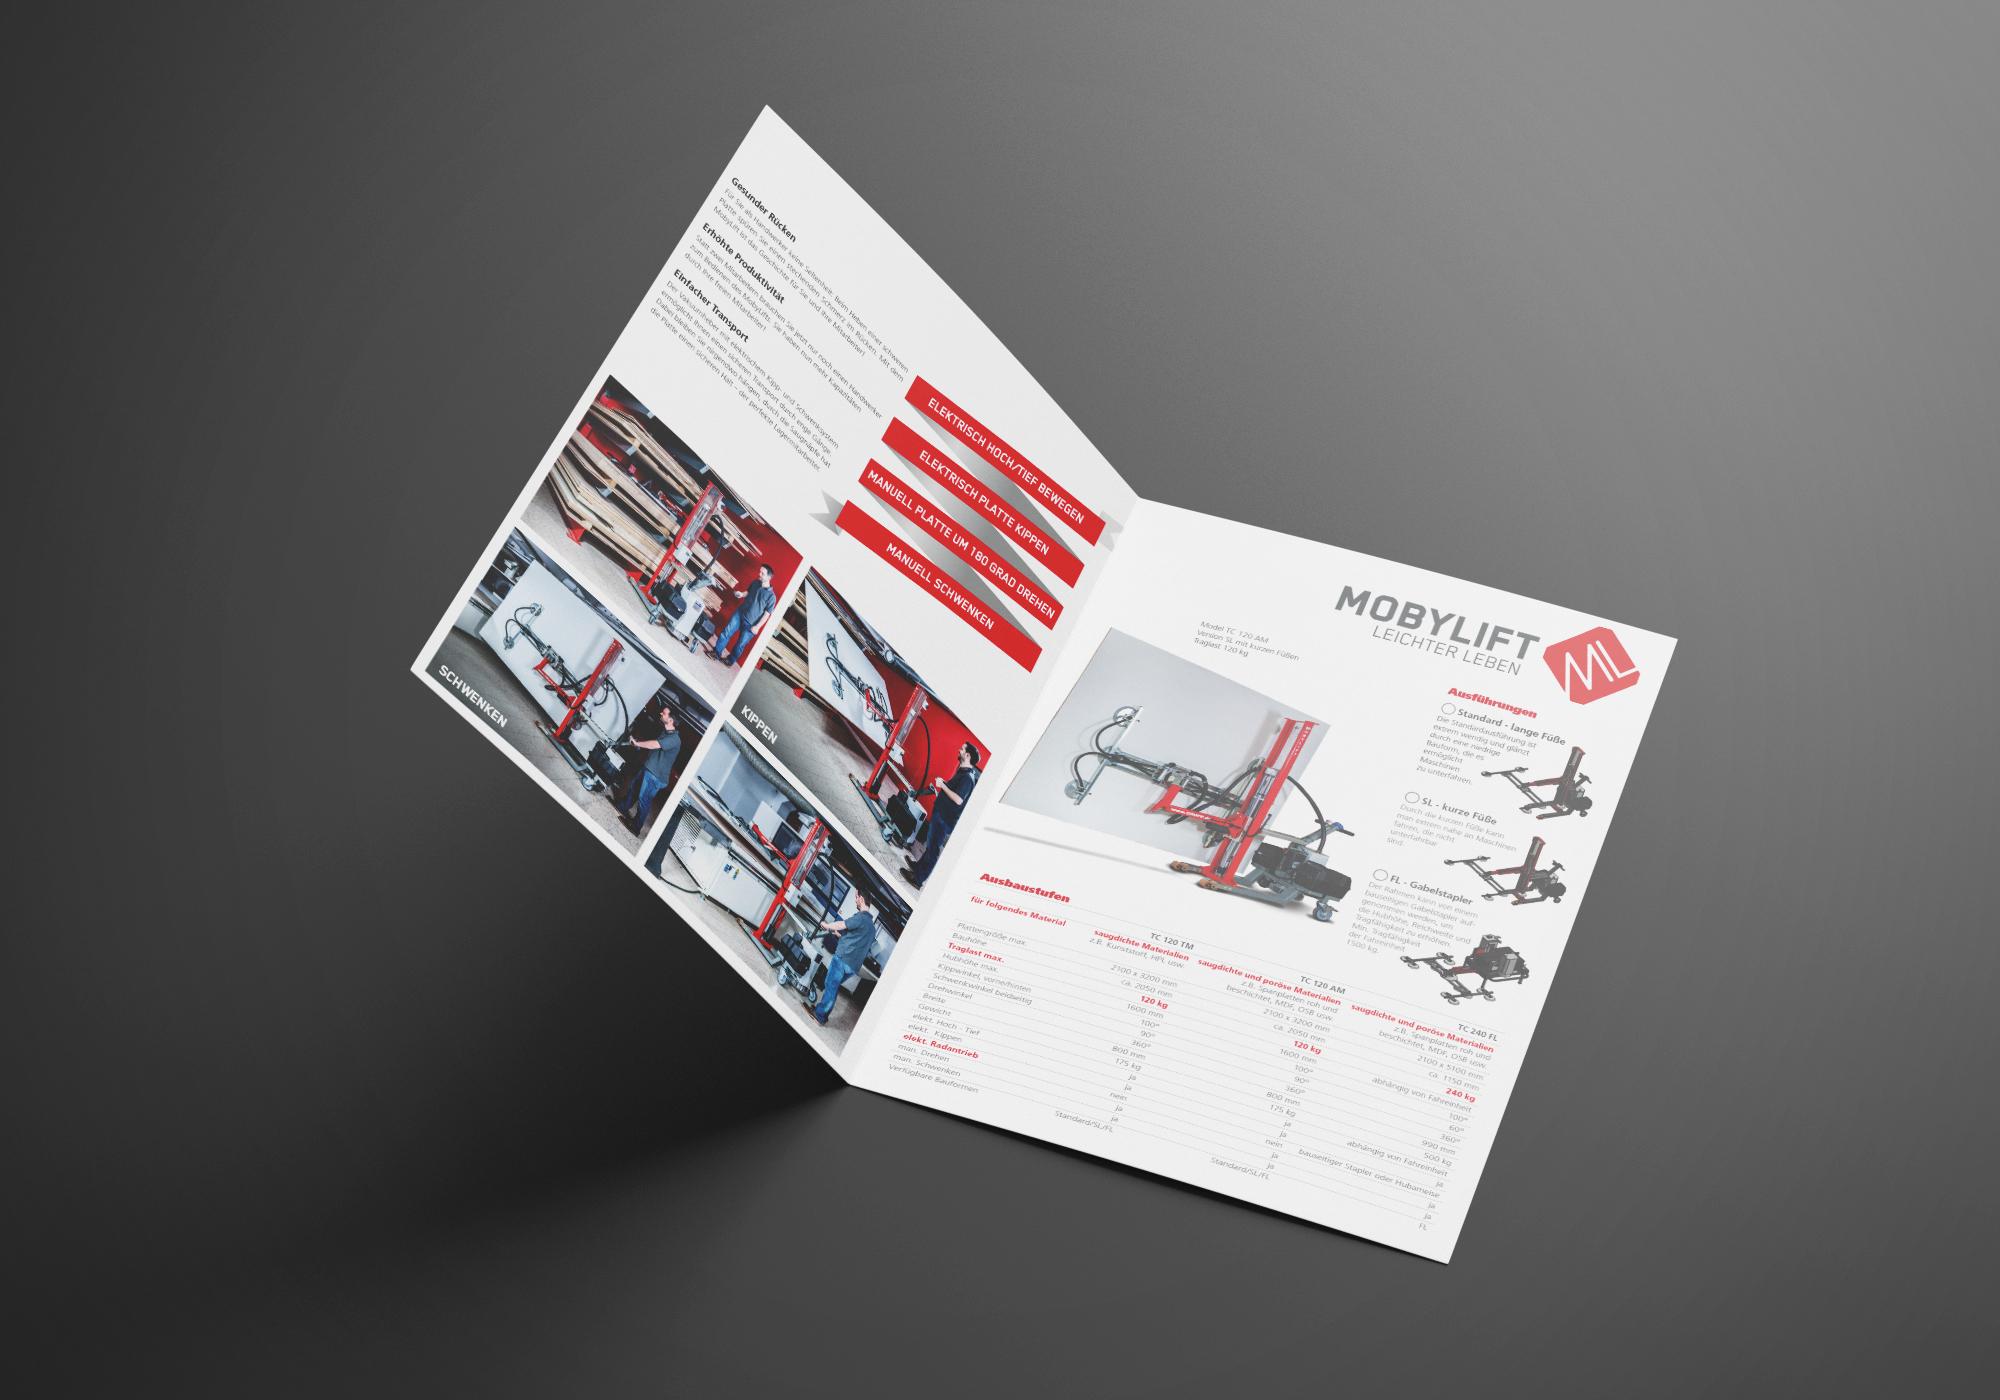 Sabath Media Werbeagentur - Maschinen-Grupp – Projektbeispiel - Referenzbild 4